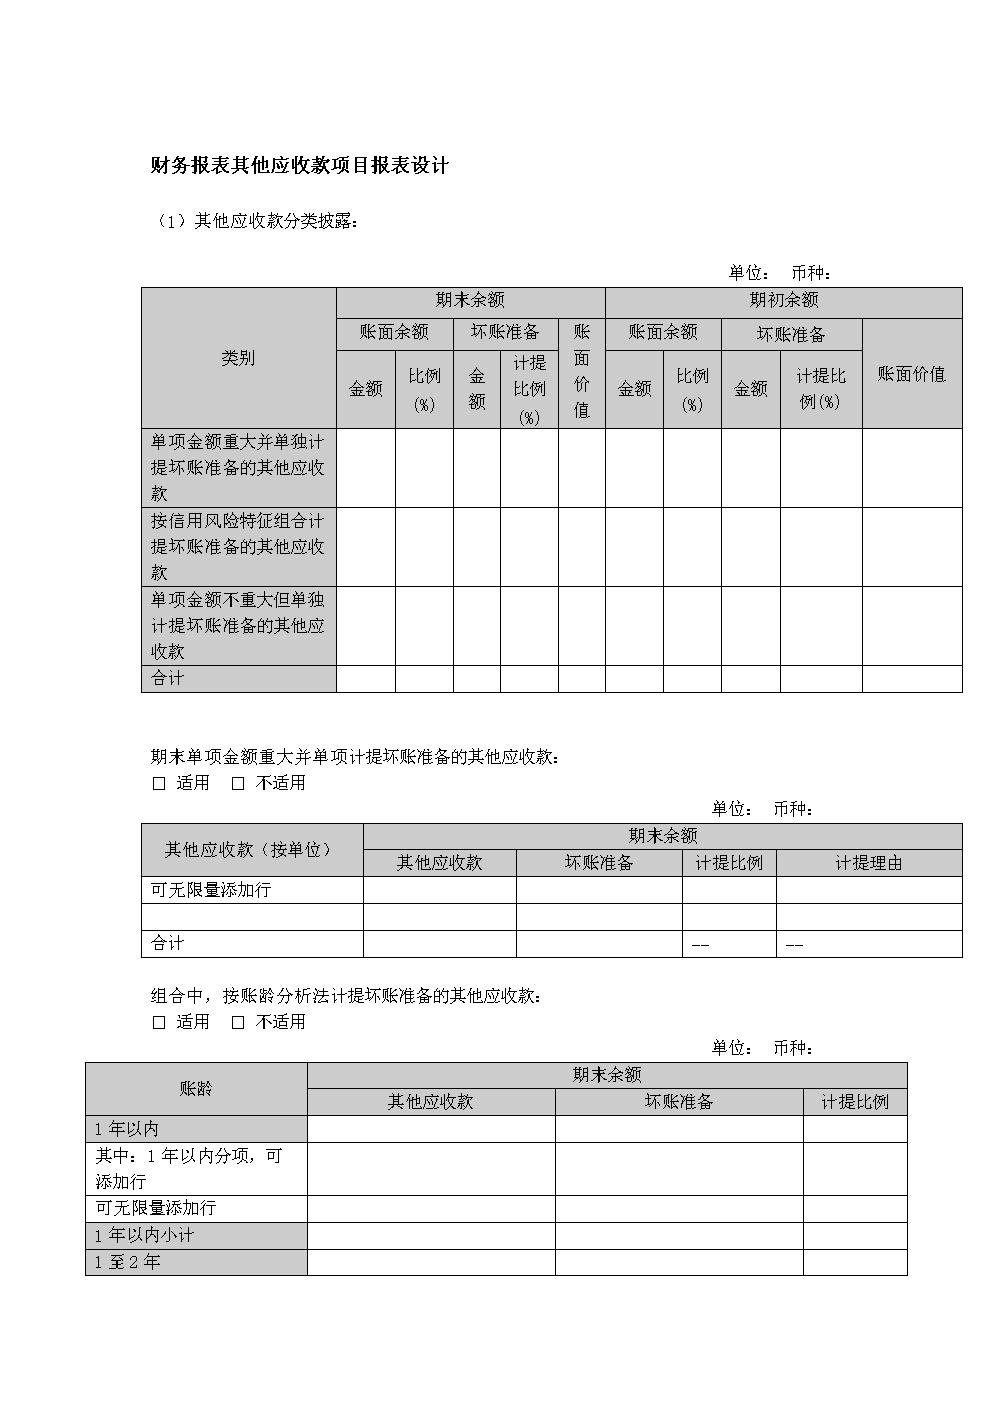 财务报表其他应收款项目报表设计.doc